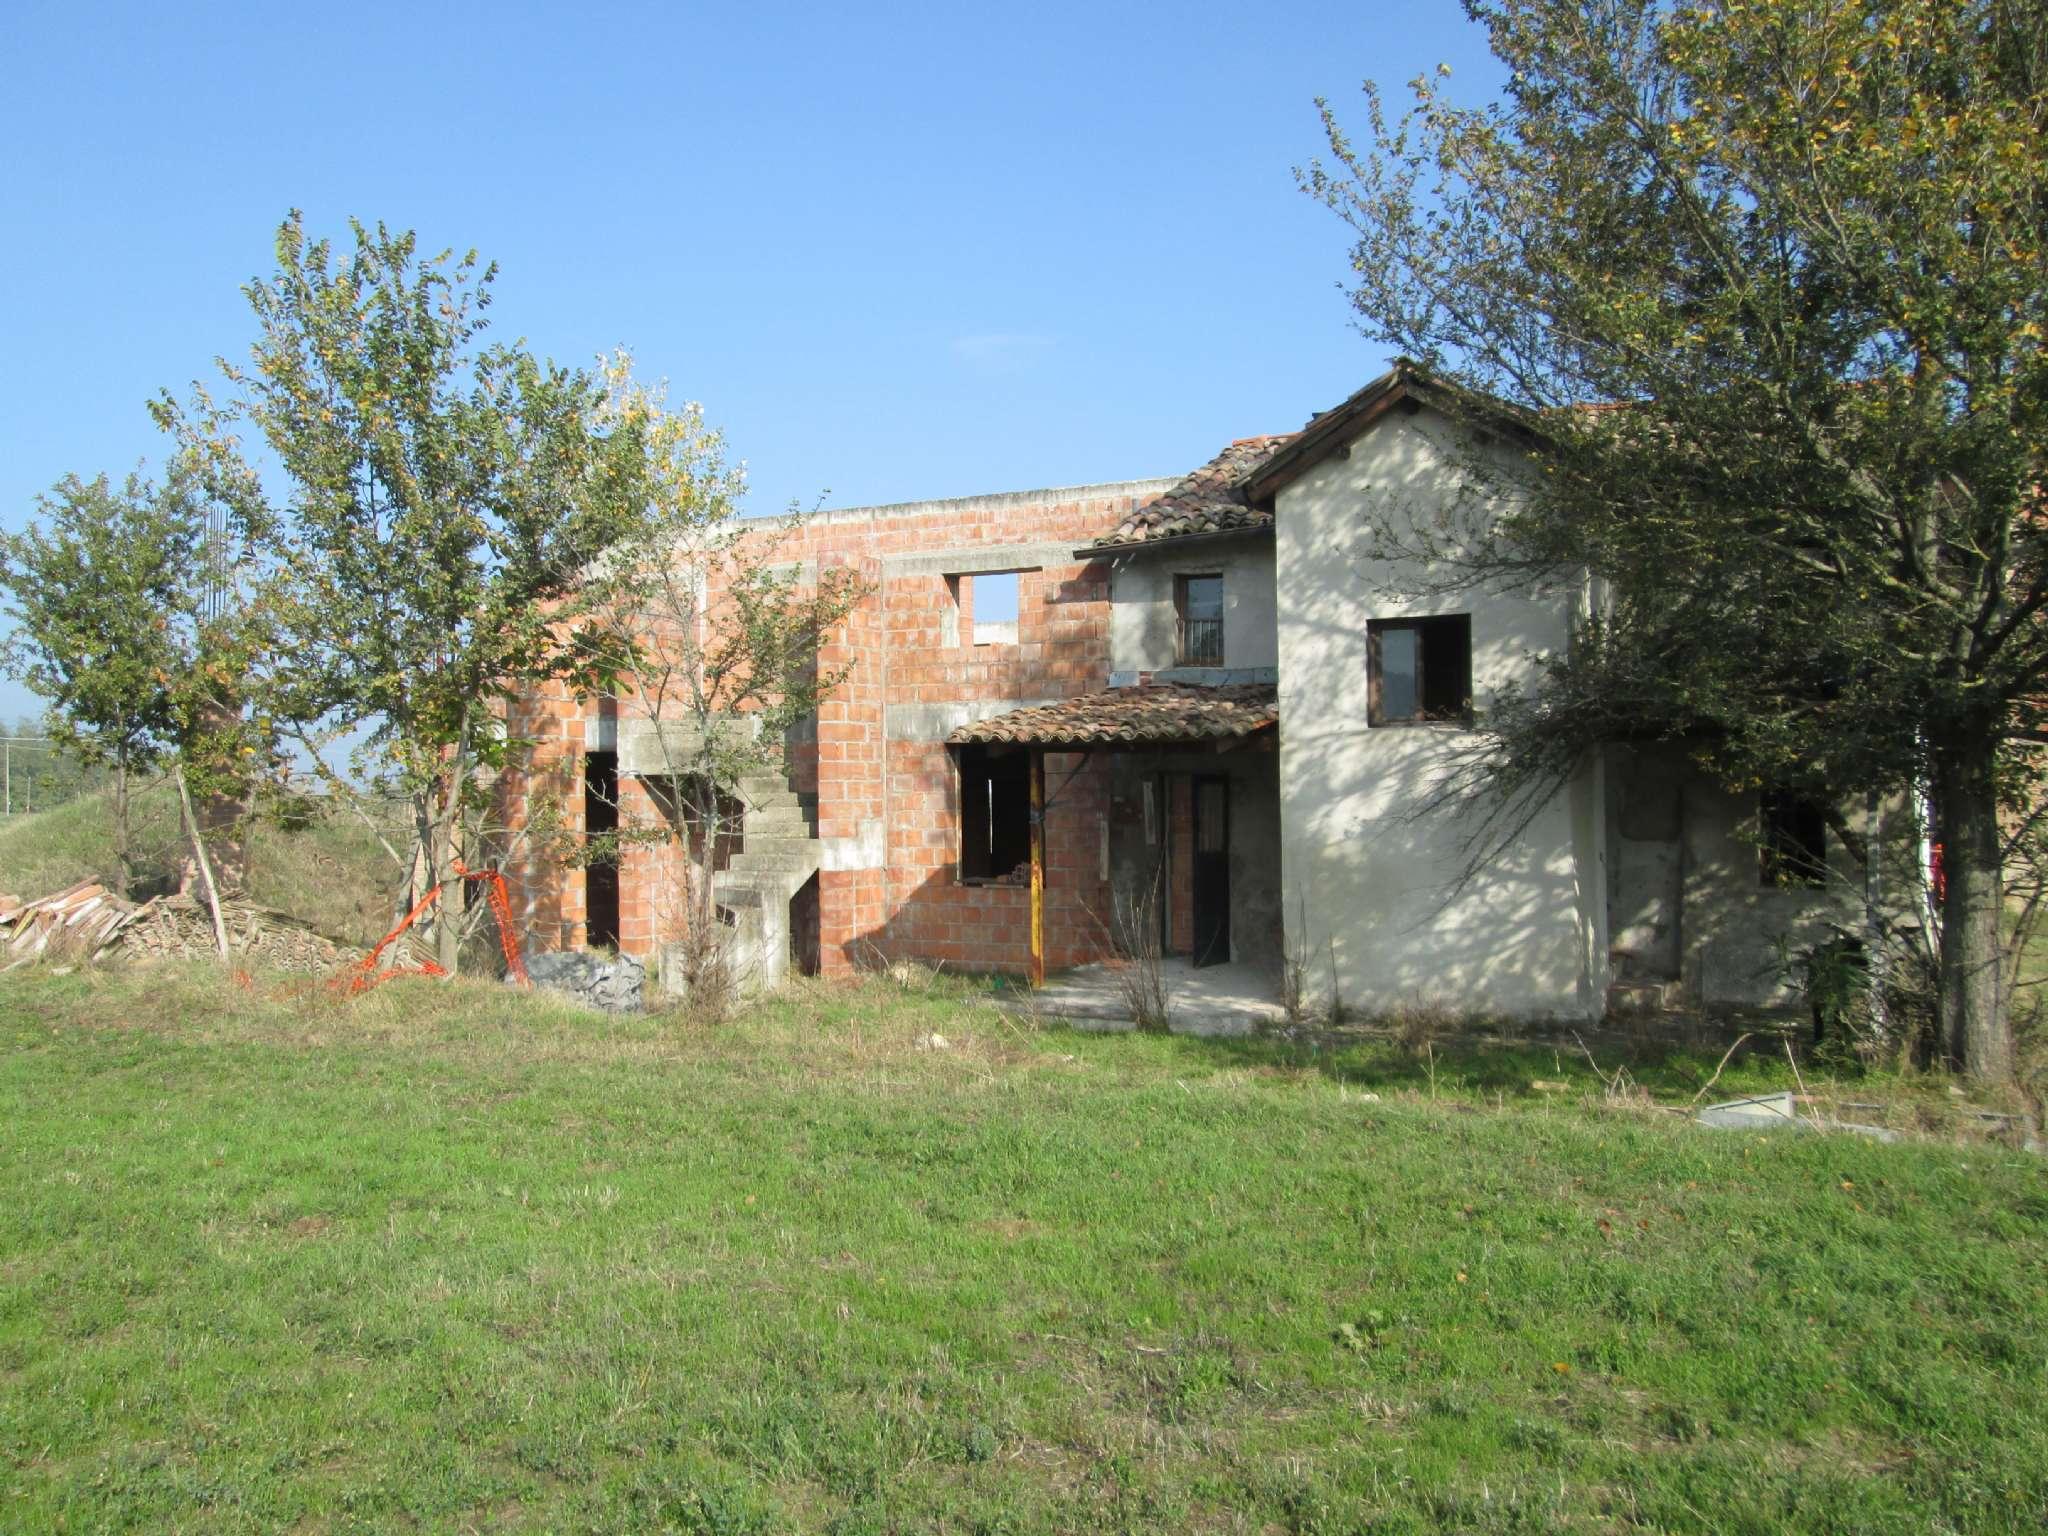 Soluzione Indipendente in vendita a Medesano, 6 locali, prezzo € 55.000 | Cambio Casa.it